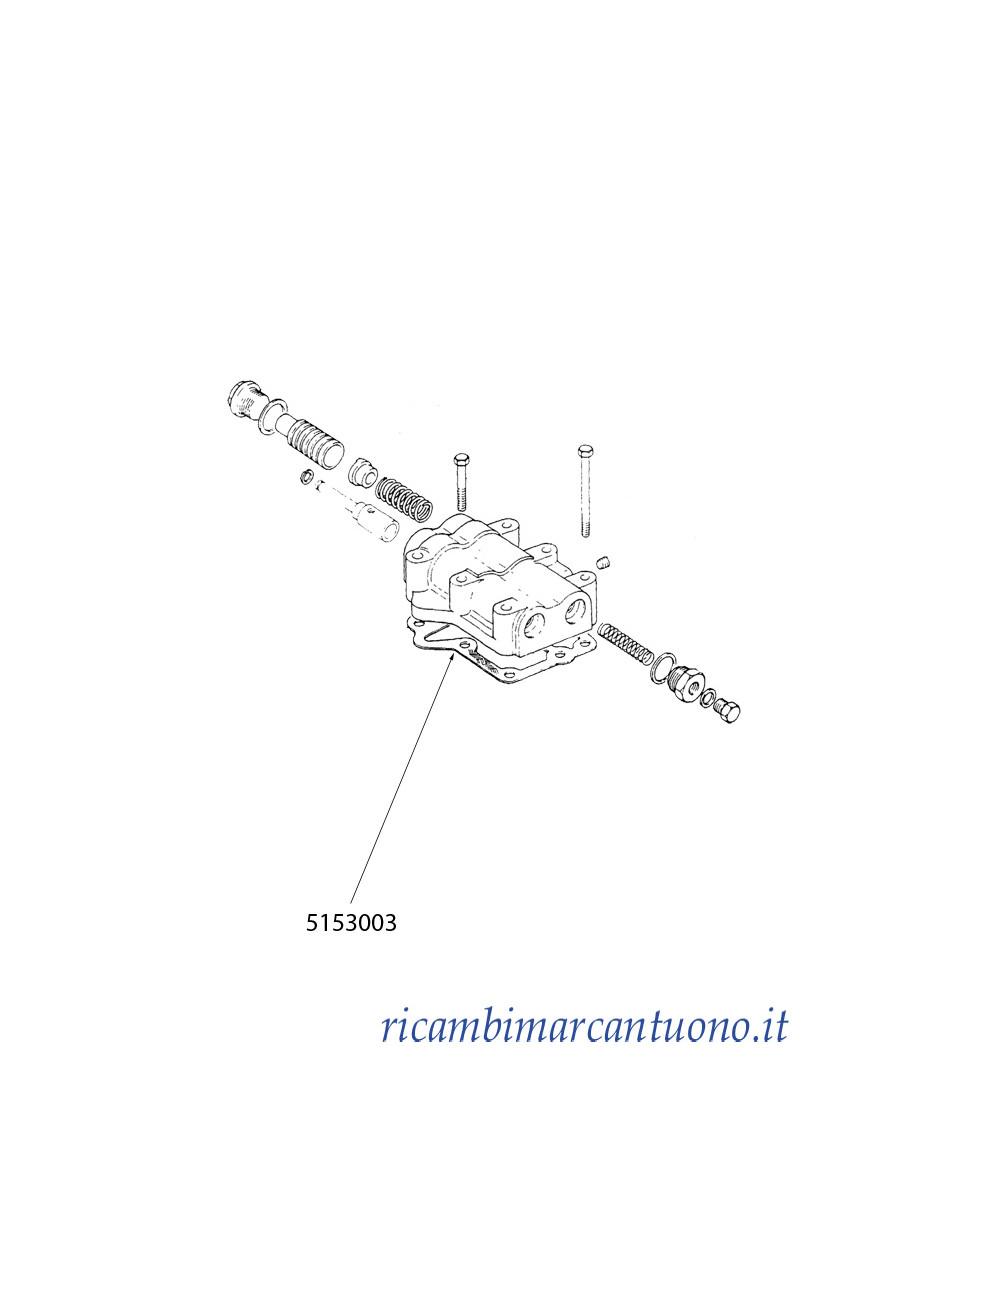 Guarnizione New Holland - cod 5153003